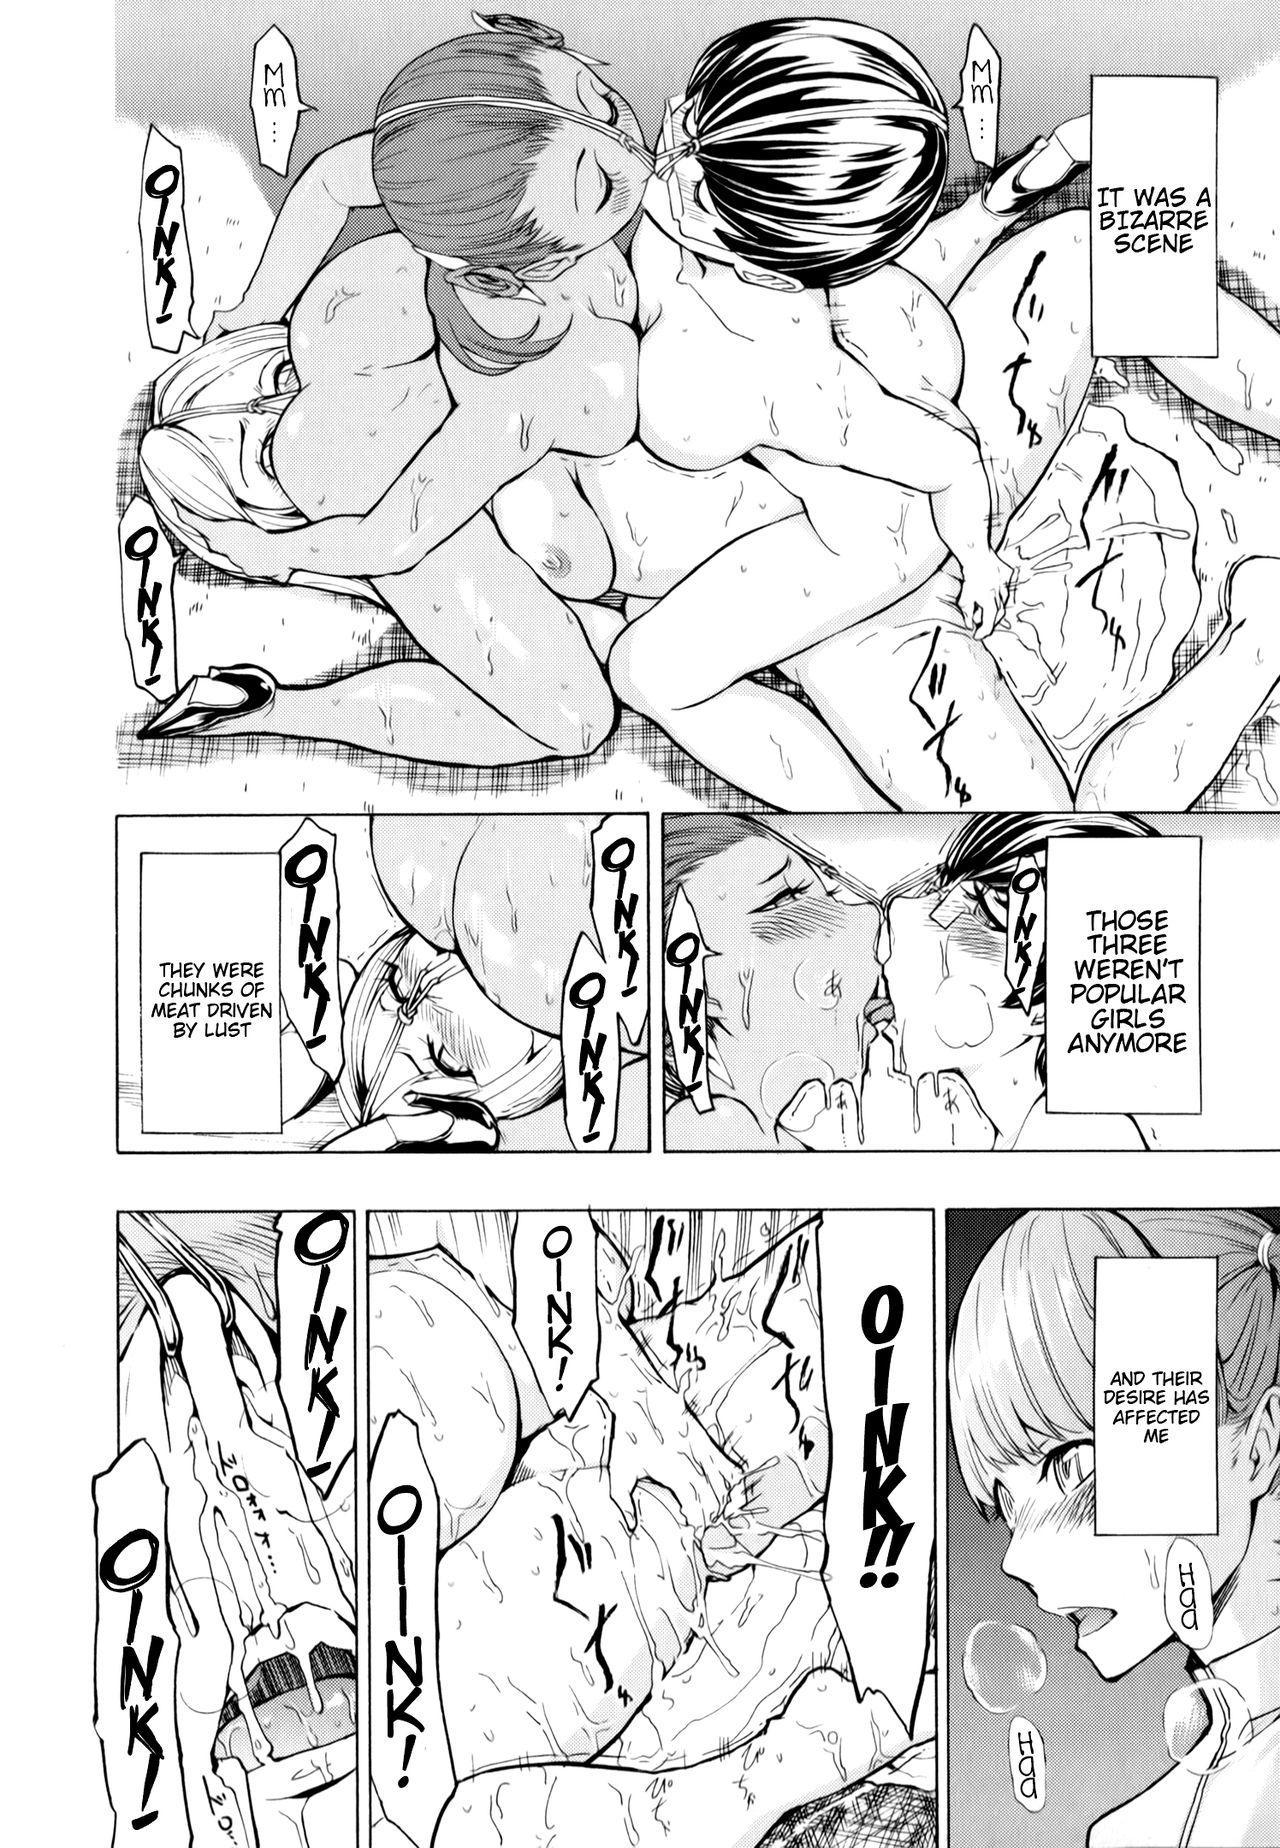 [Hakaba] Kedamono no Ie (Joukan)   The Beast House [English] {Chocolate + doujins.com} 193